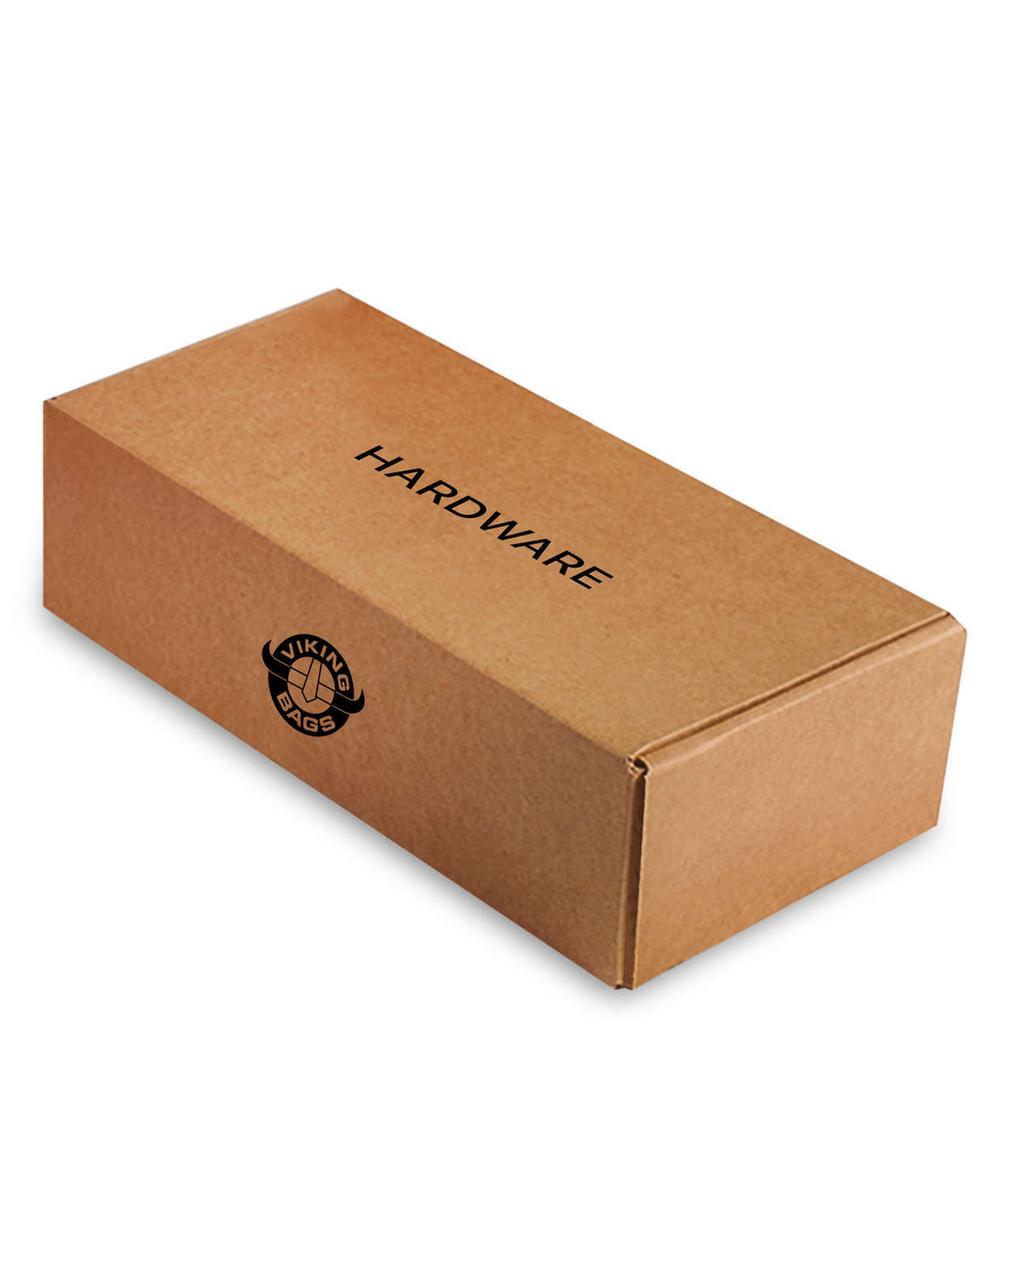 Honda Magna 750 Charger Braided Motorcycle Saddlebags box